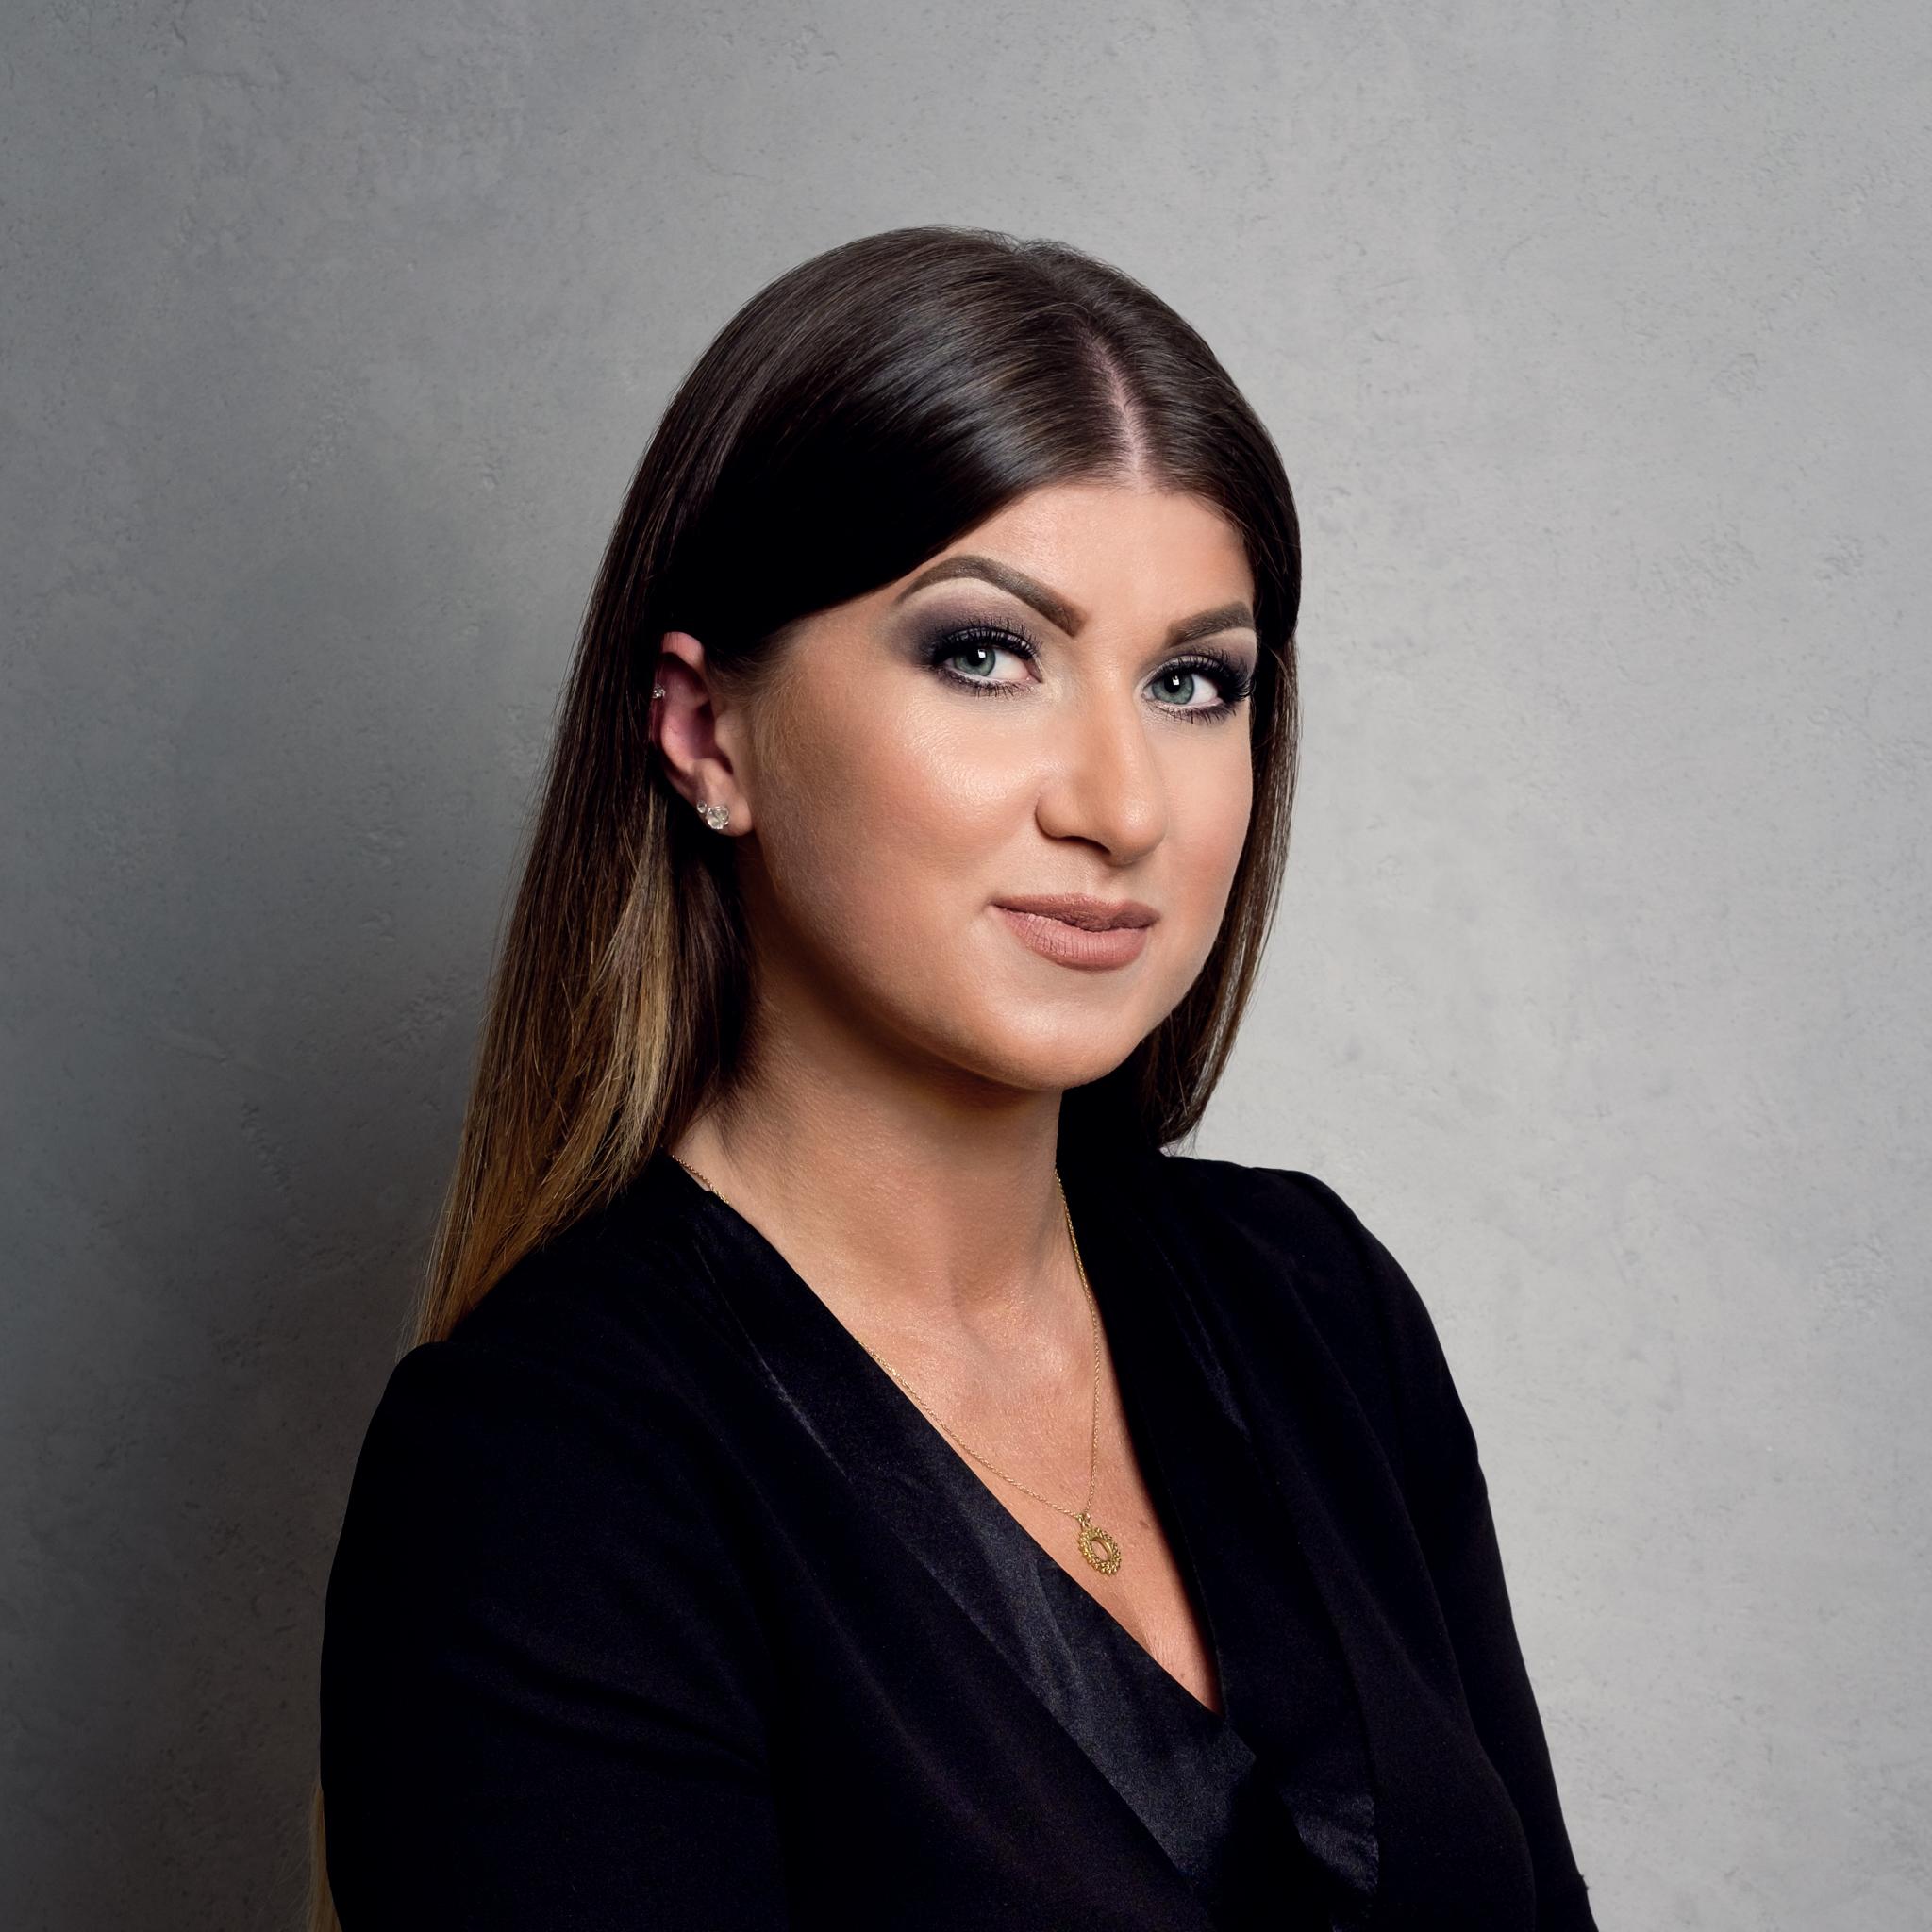 Agnieszka Kotynia-Jakóbczyk